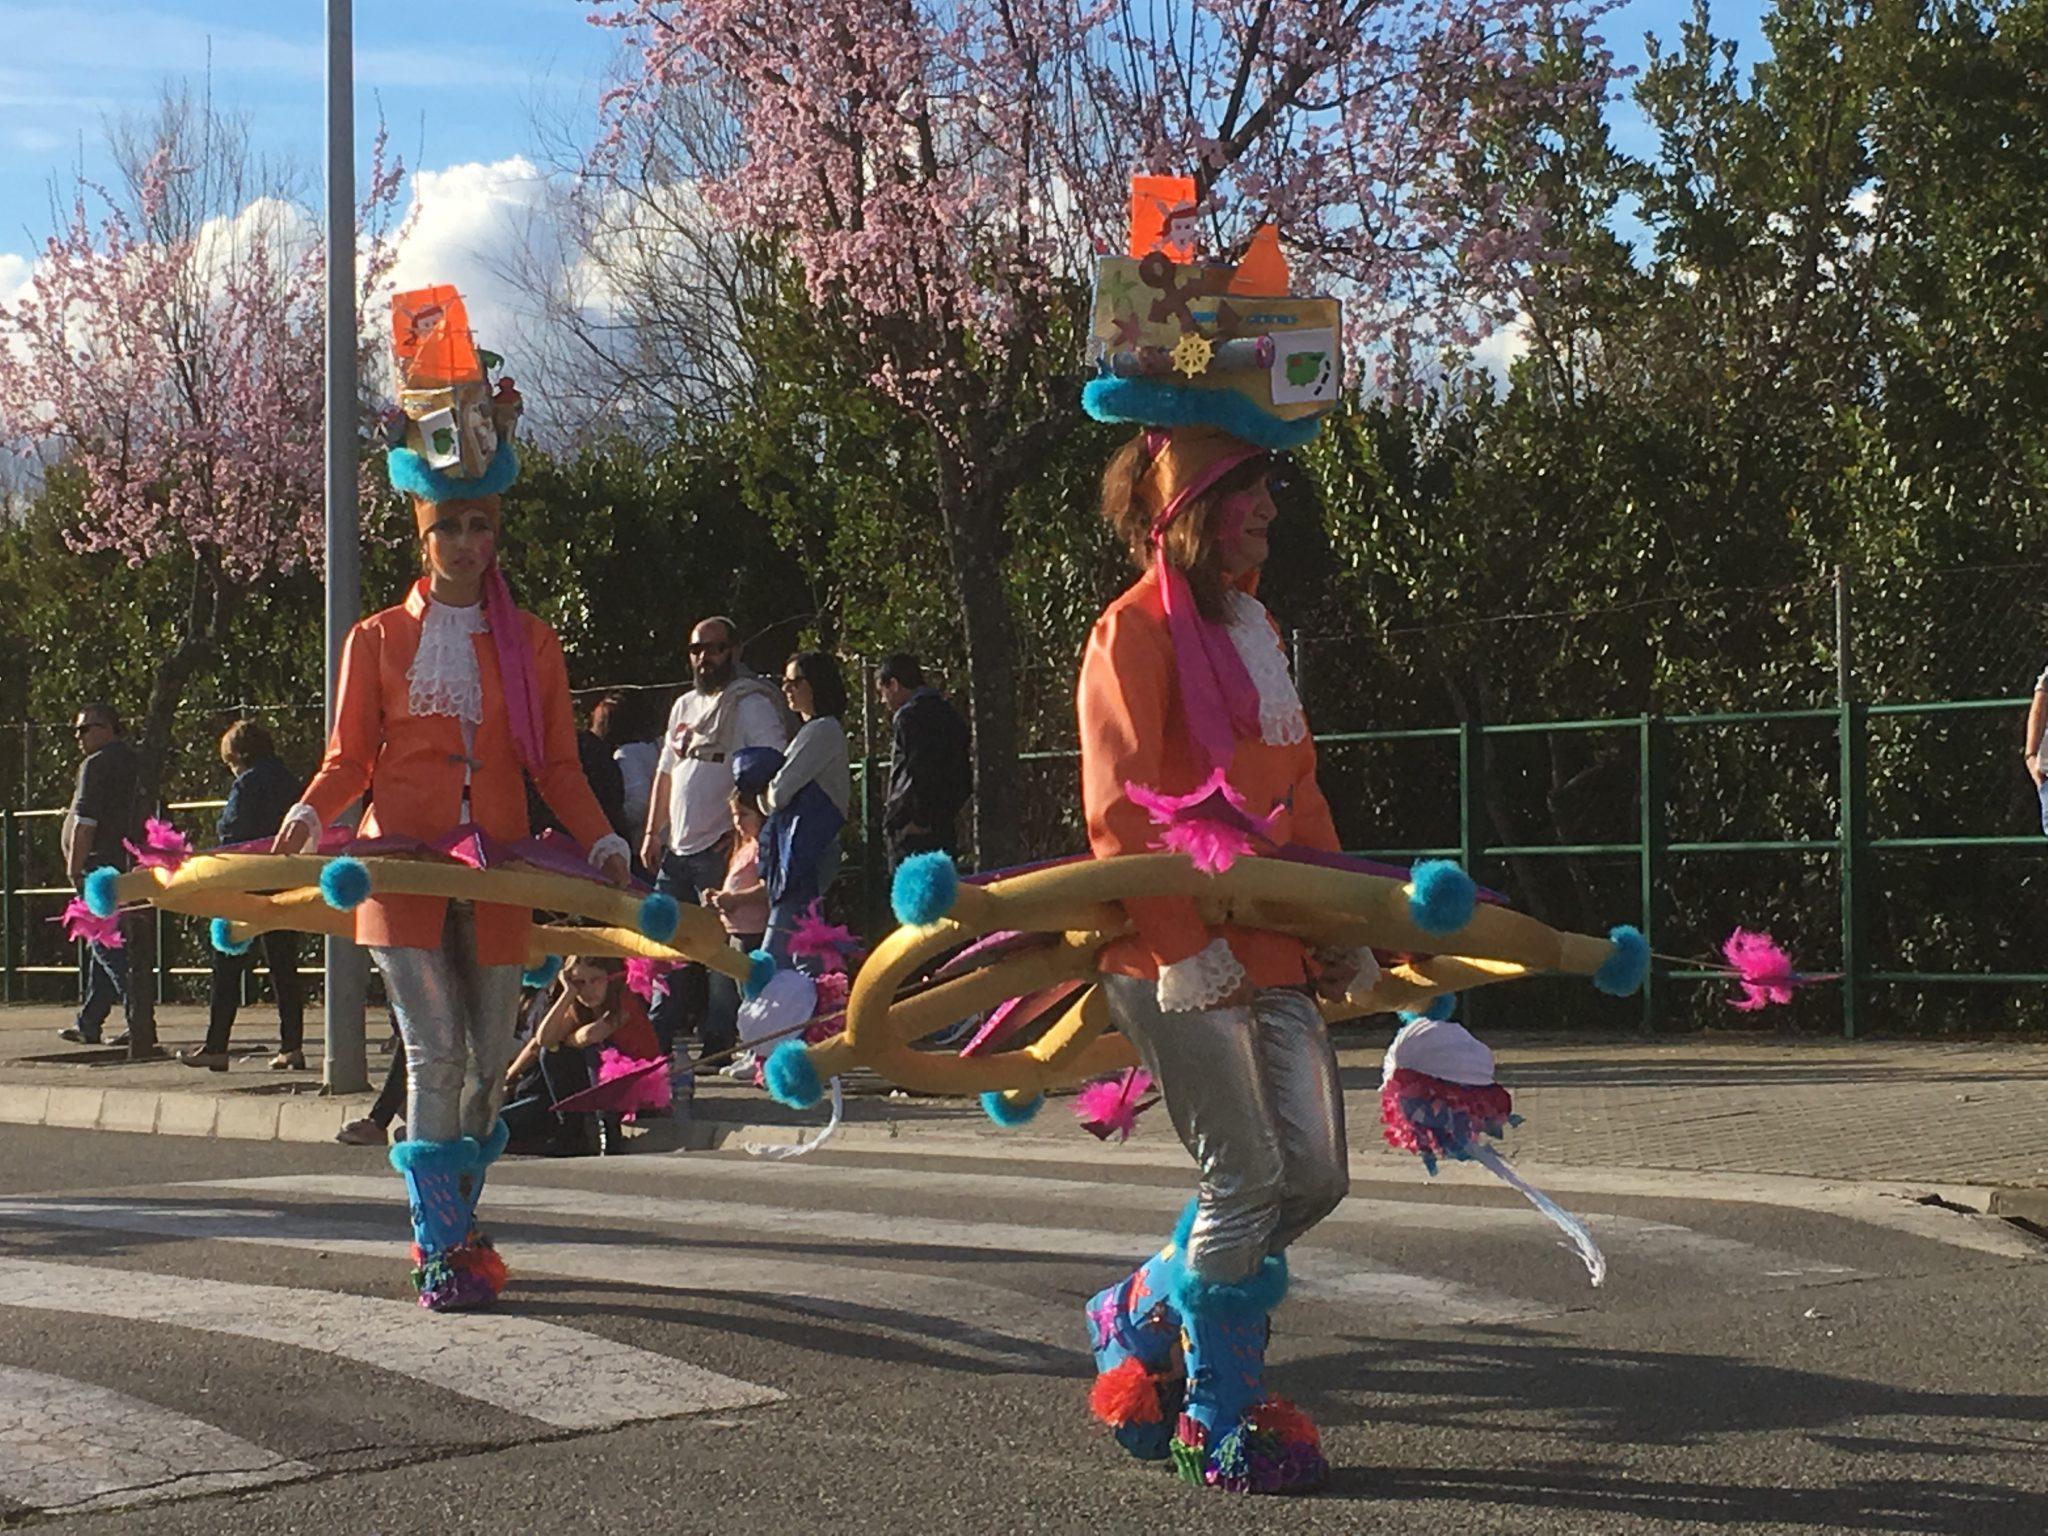 Desfile de Carnaval Cubillos del Sil 2019 - Álbum de fotos 8